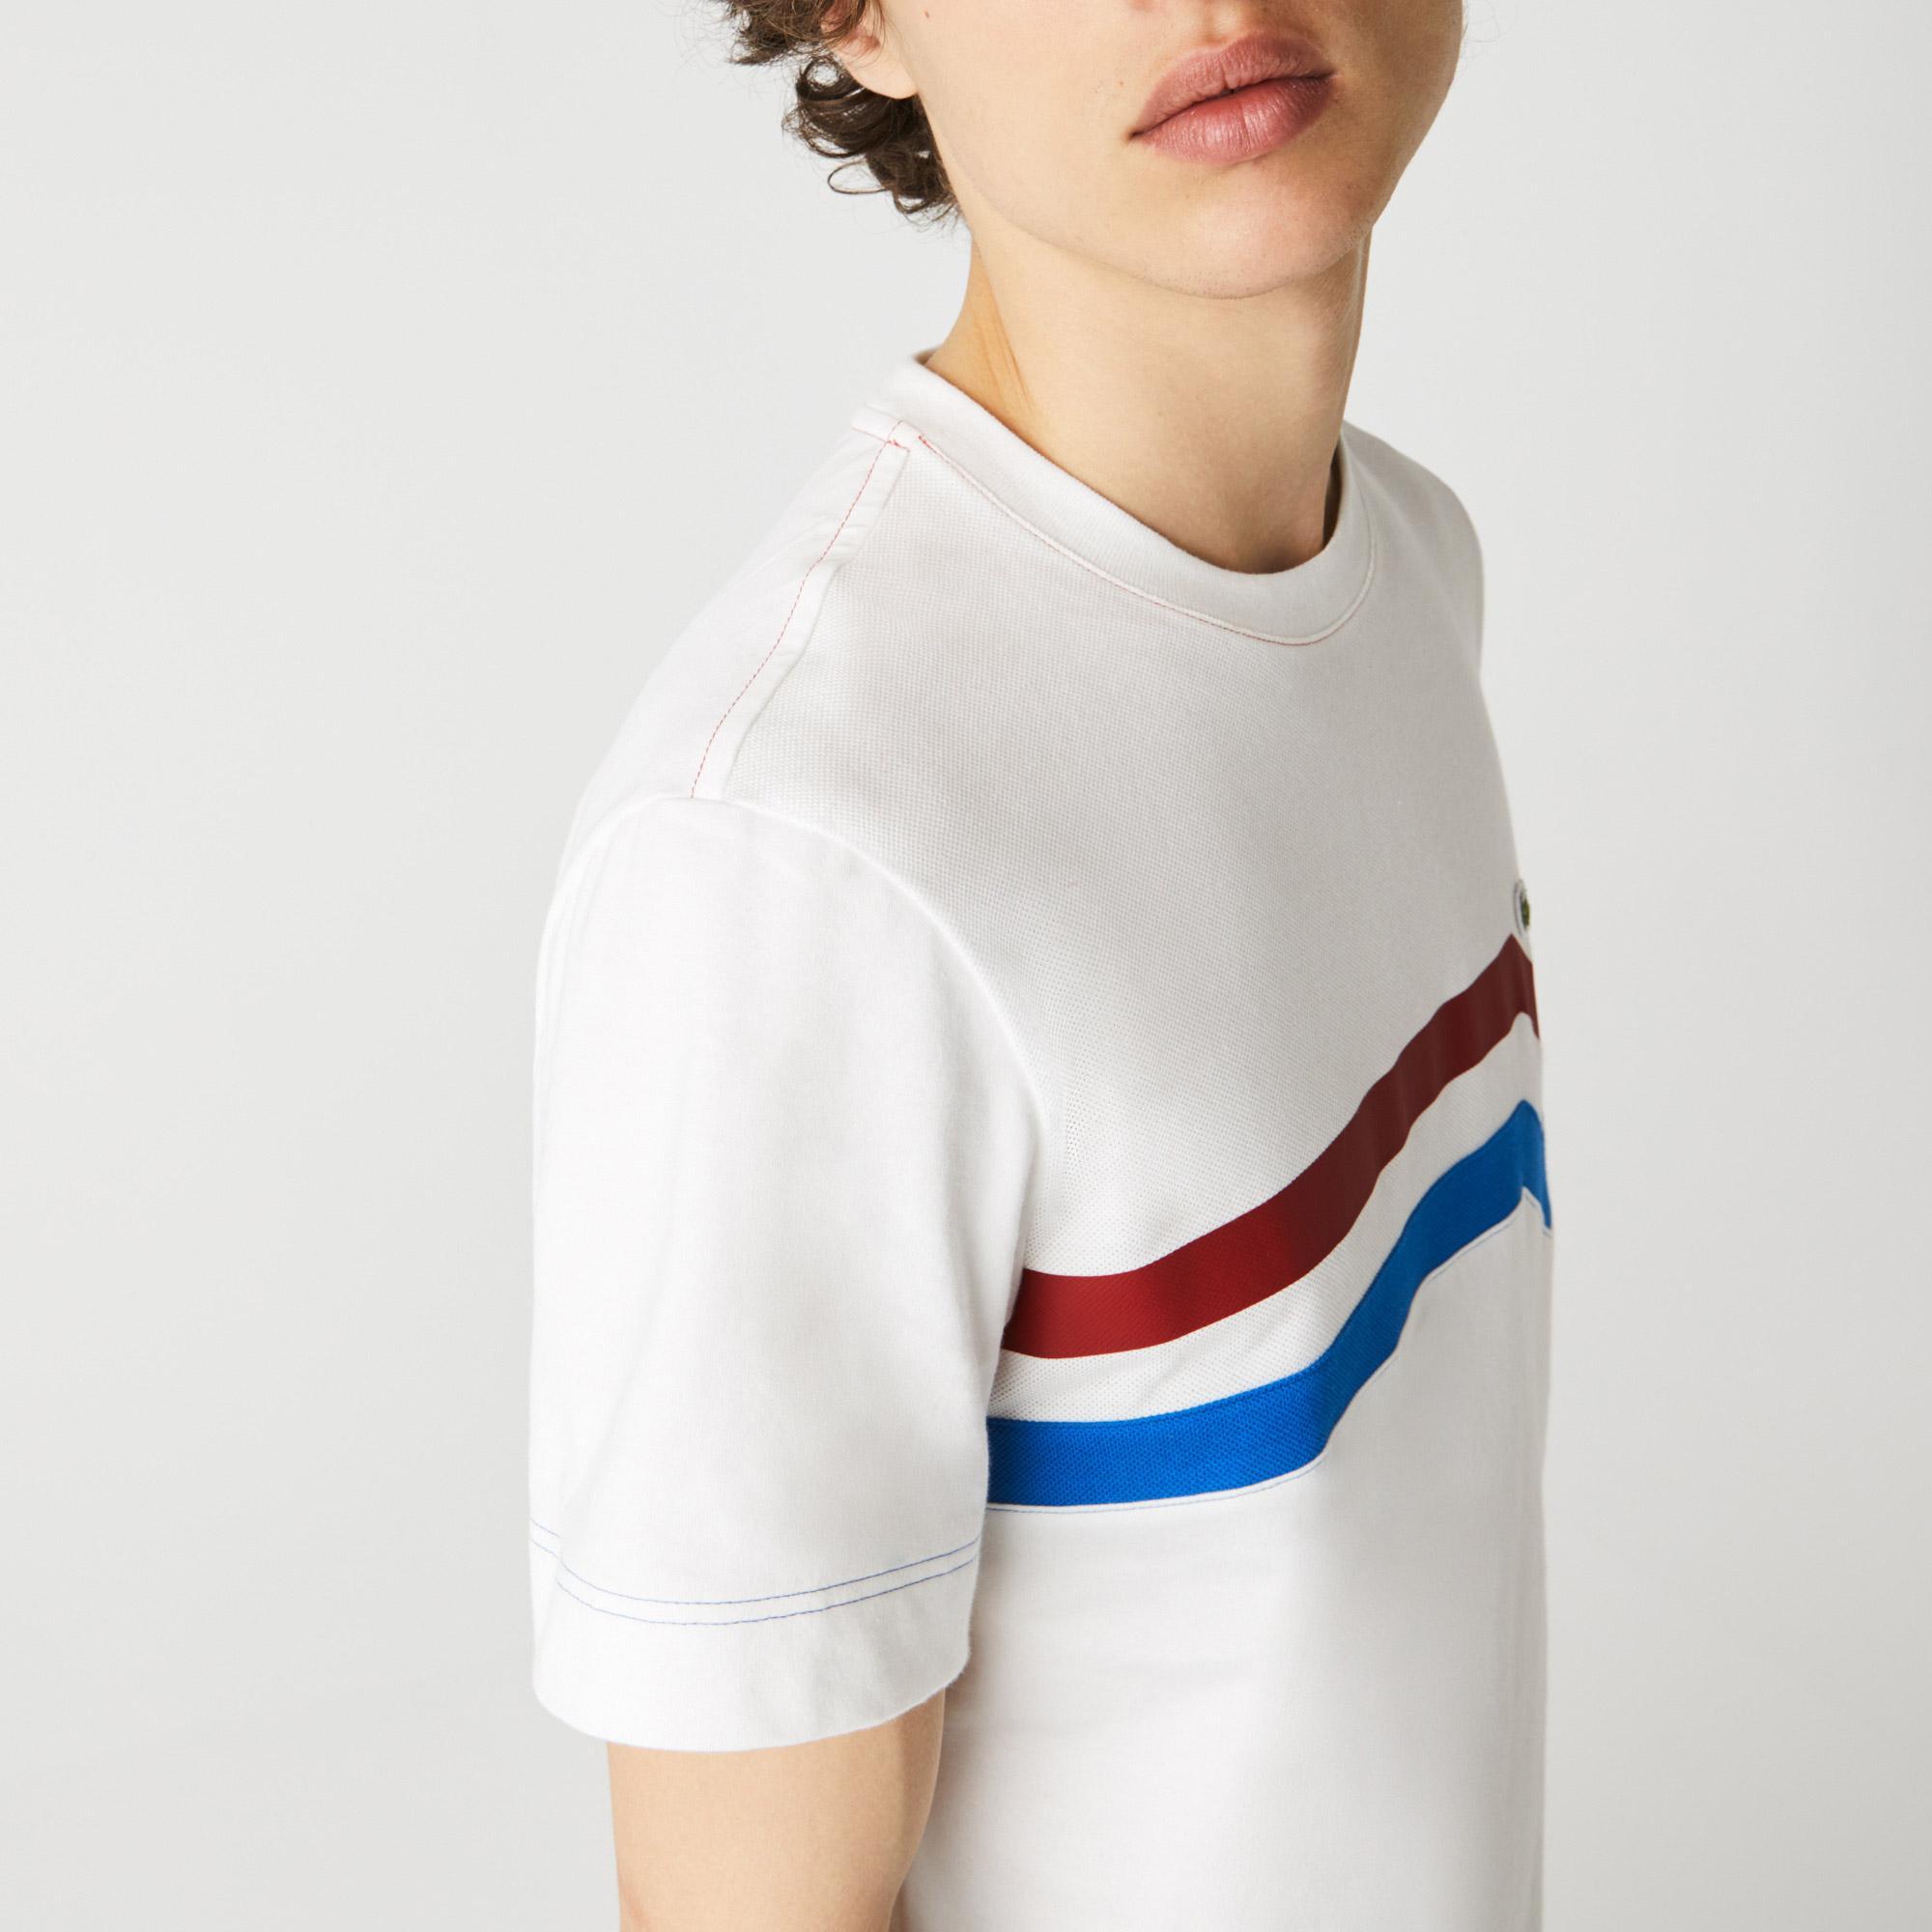 Lacoste Męski T-shirt z bawełny organicznej w paski, Made in France